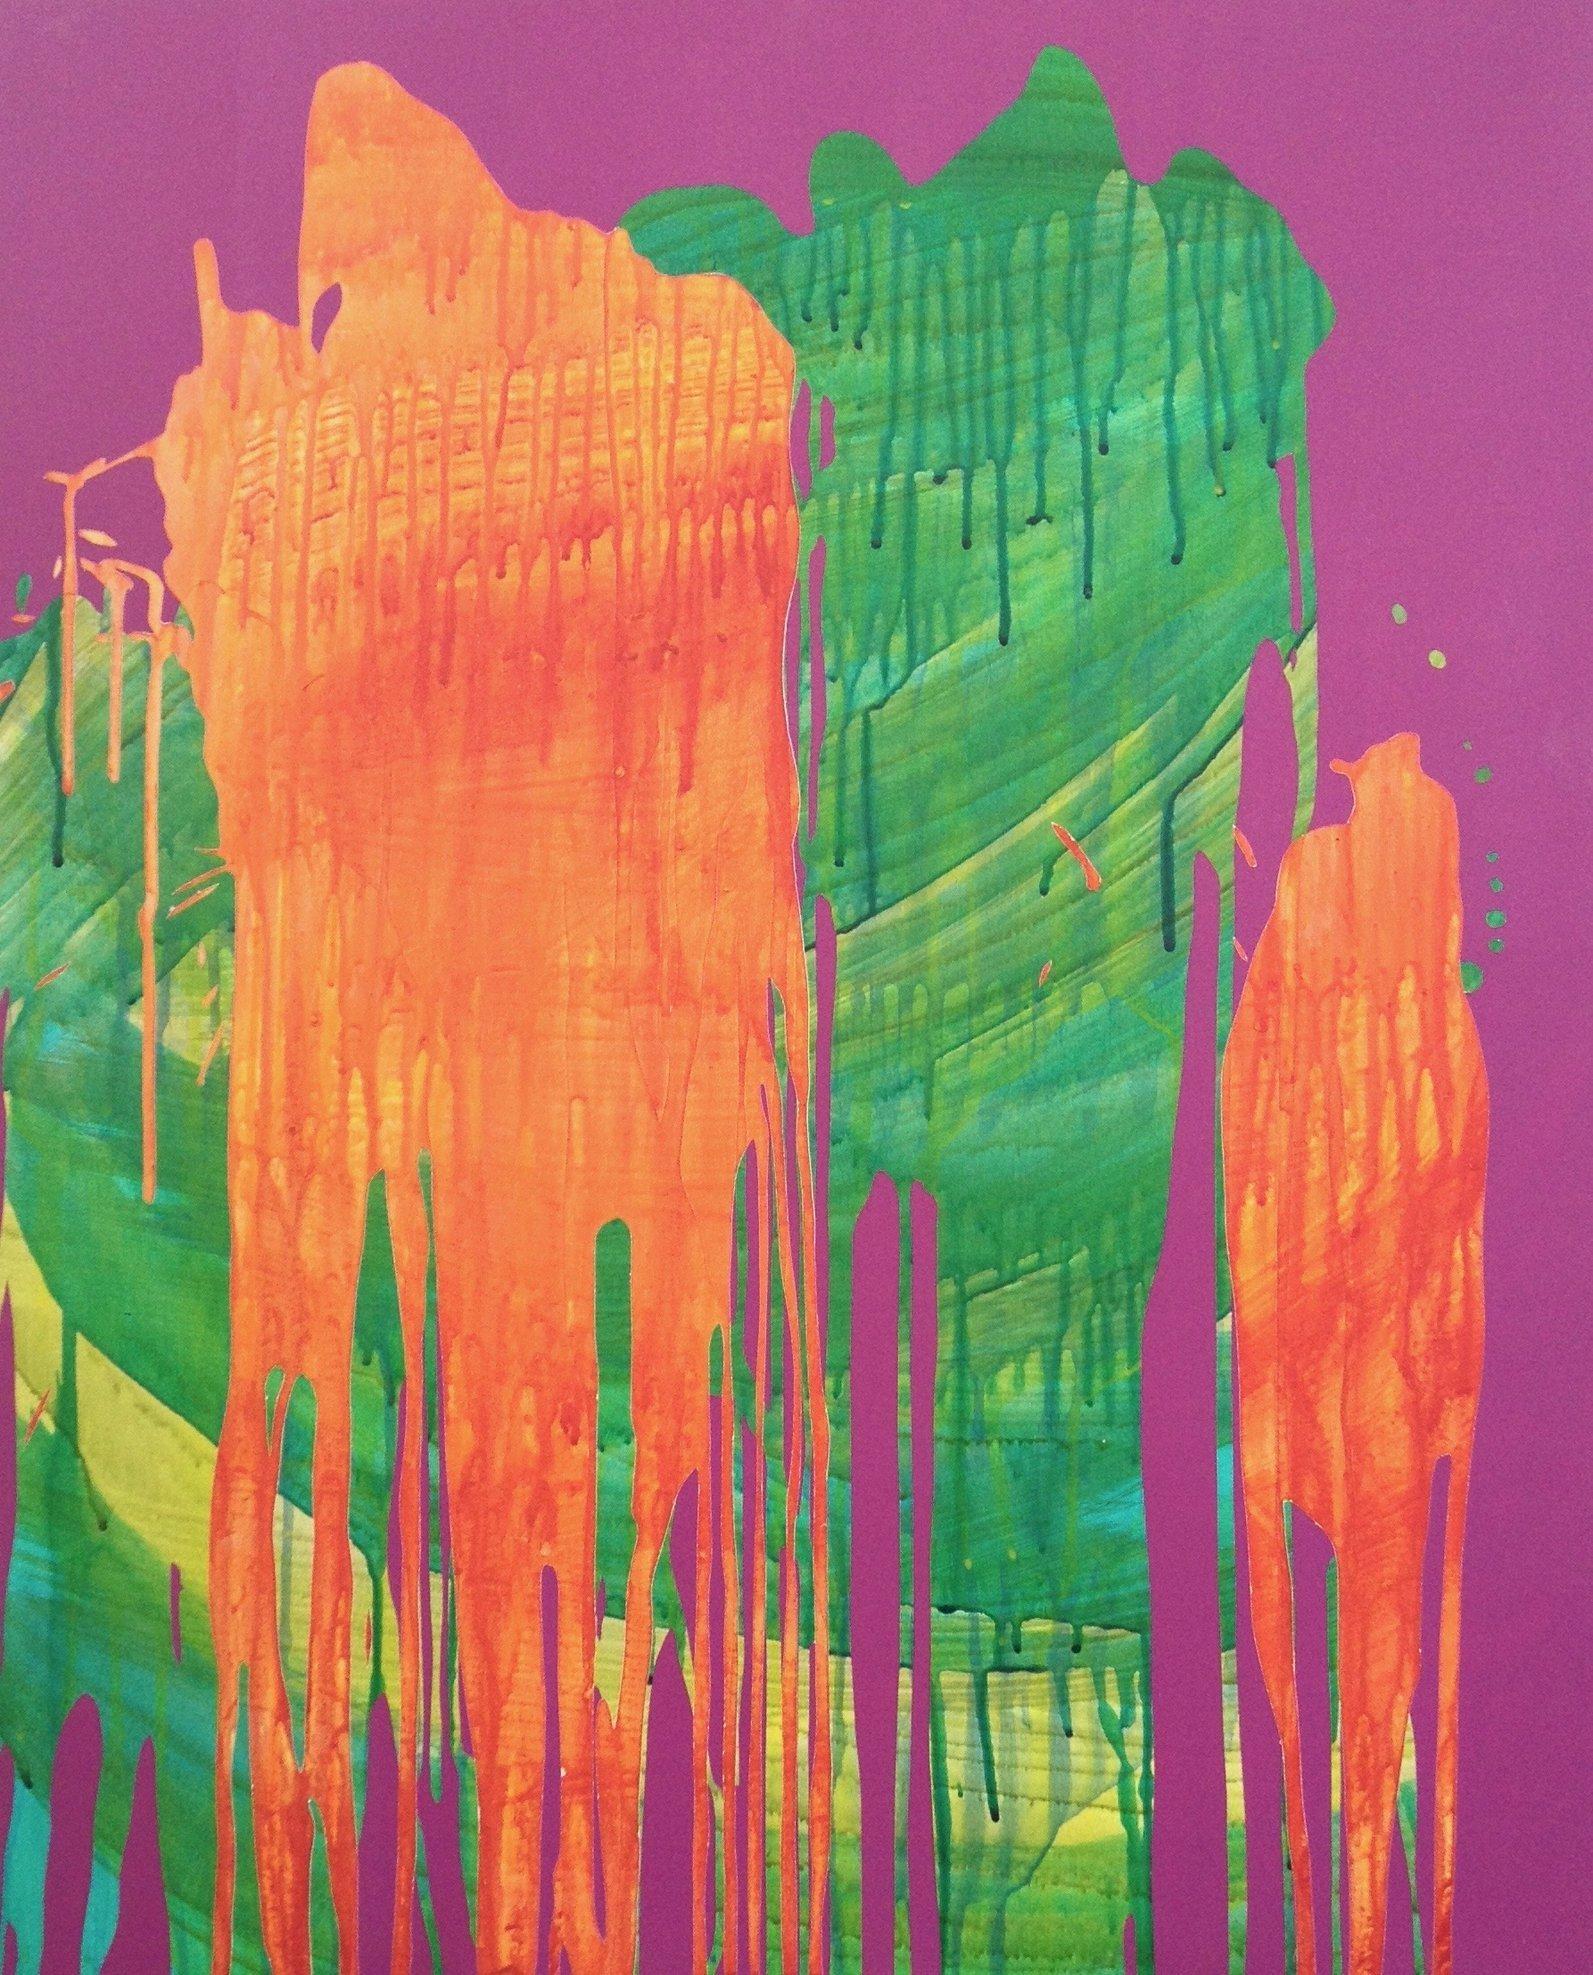 Untitled (Transparent Splash on Purple)